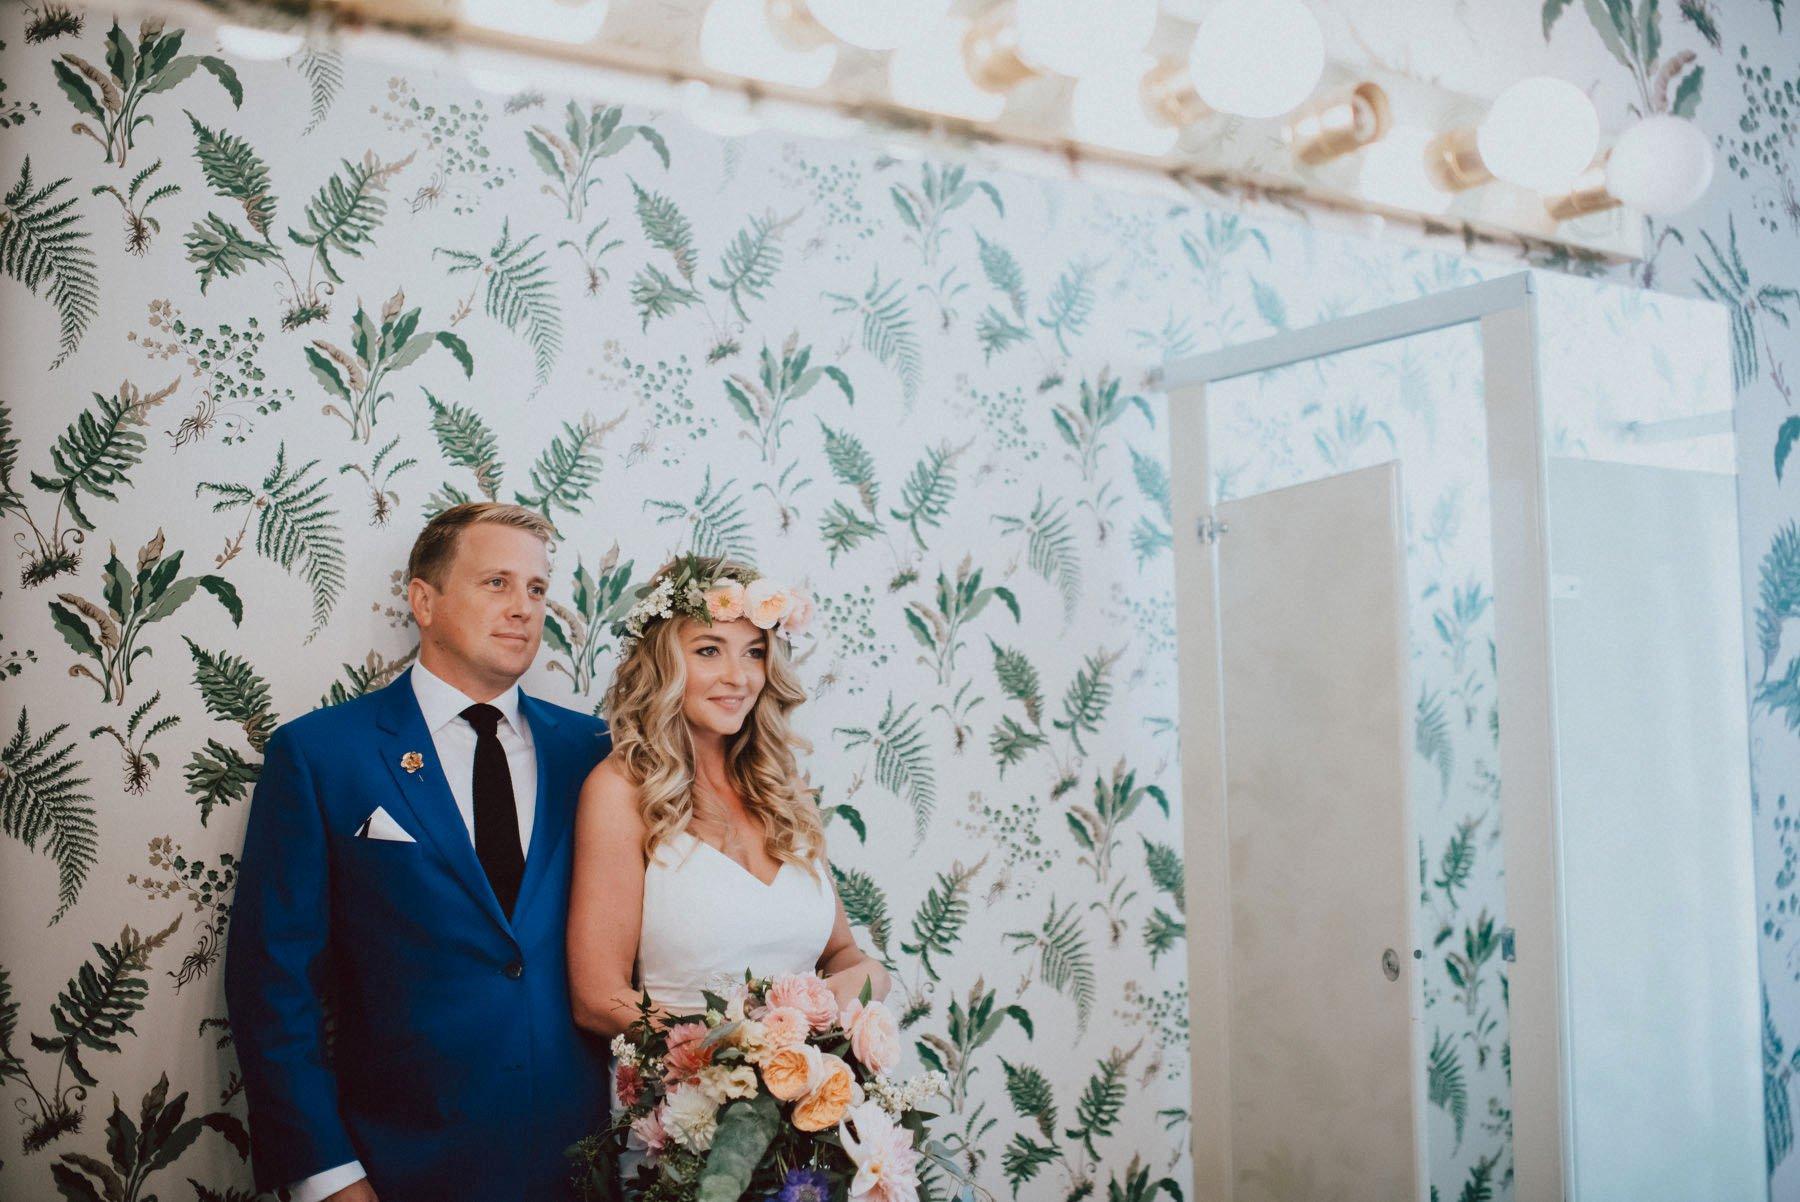 la-cheri-philadelphia-wedding-31.jpg